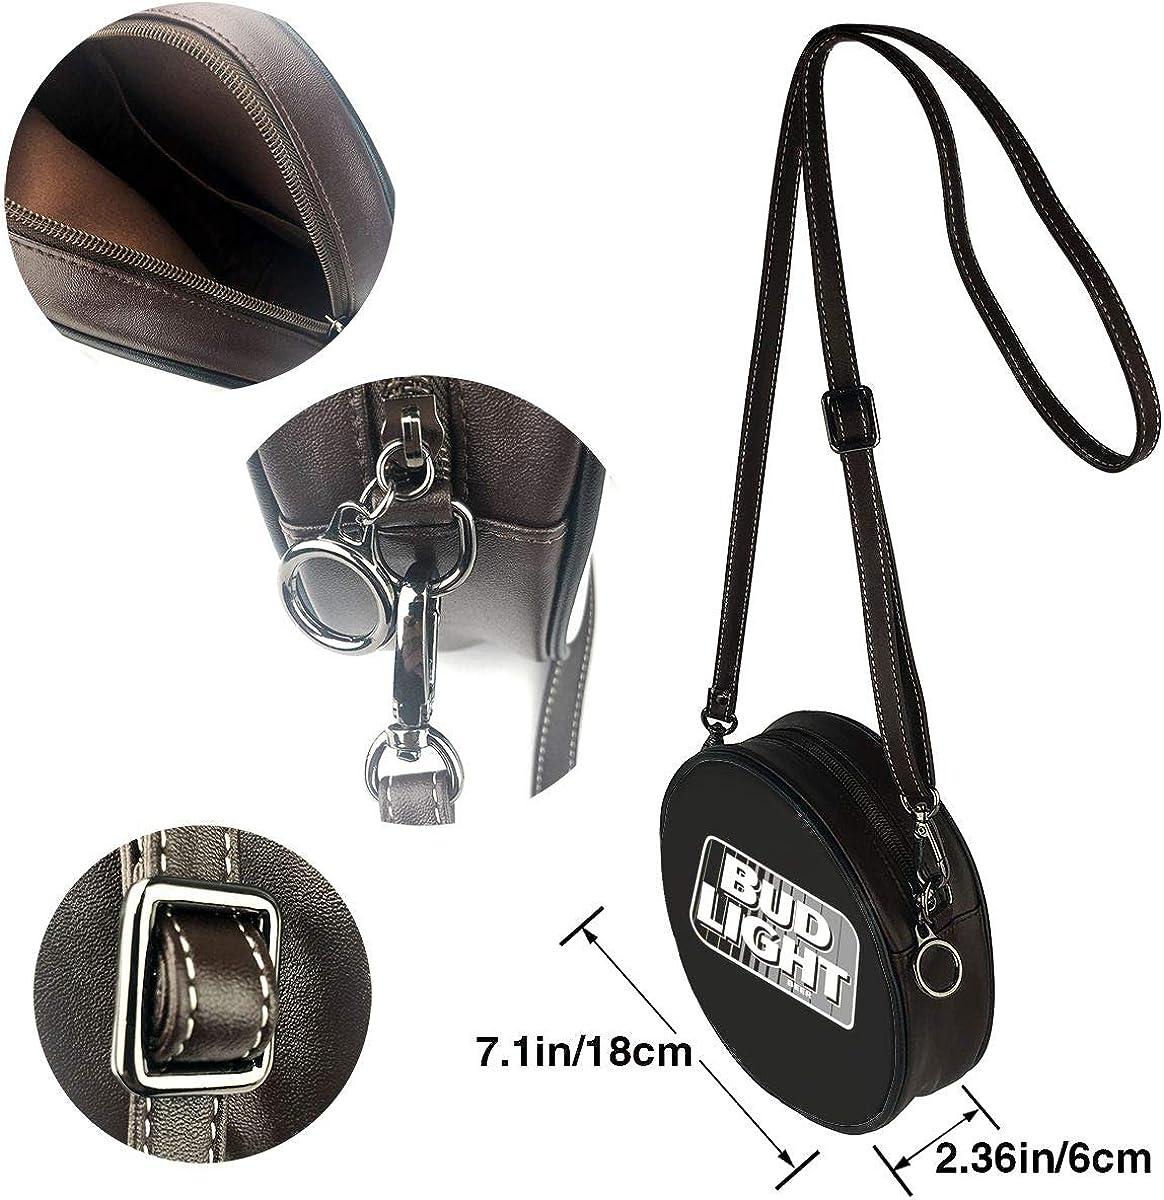 Bud Light Beer Logo Leather Round Crossbody Shoulder Bag Top Handle Tote Handbag Bag